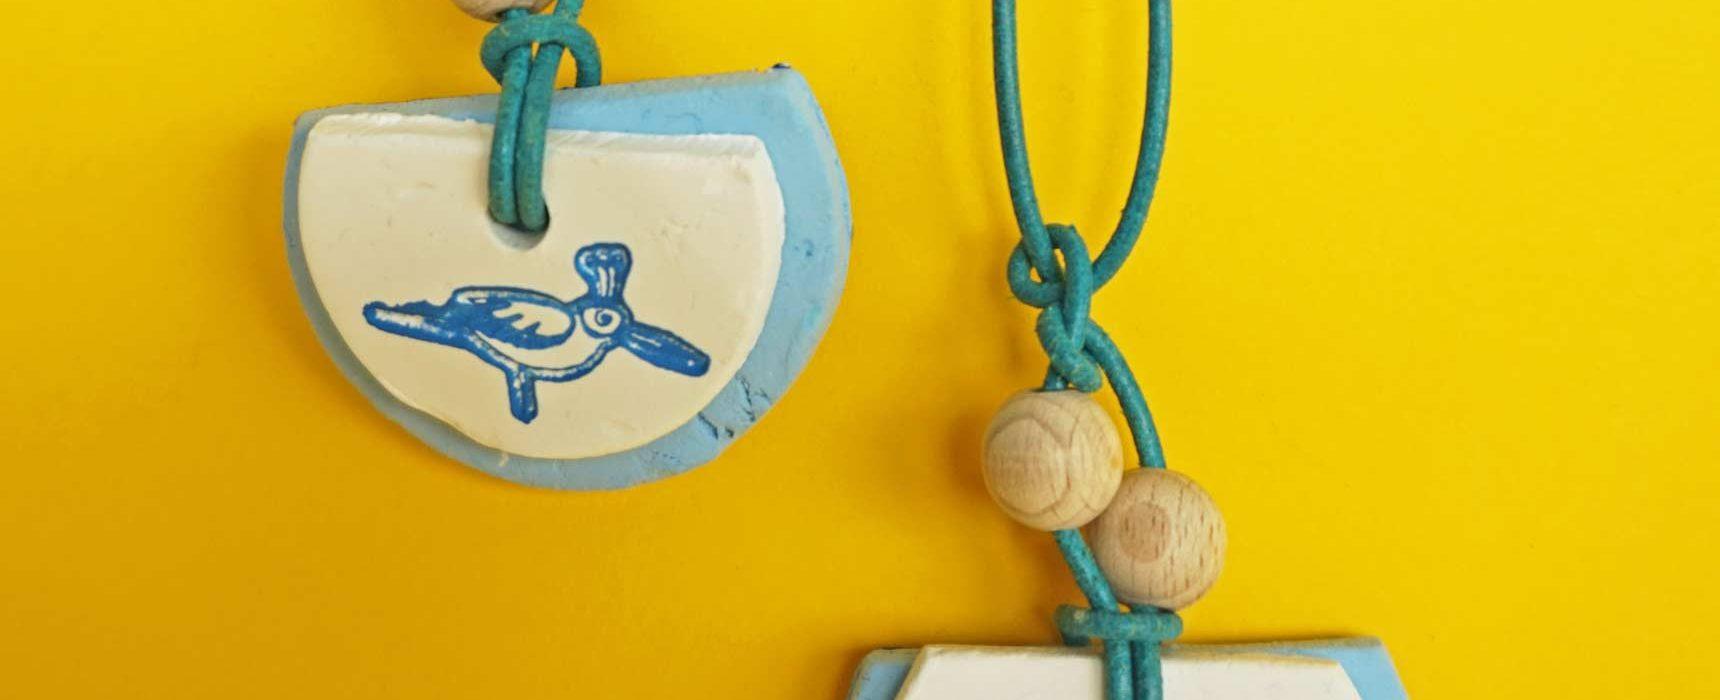 www.detail-verliebt.de: Einfacher Aromaschmuck selber machen geht ganz einfach und braucht wenig Materialien. Einfache Anleitung für modernen DIY Duft Anhänger selber machen.